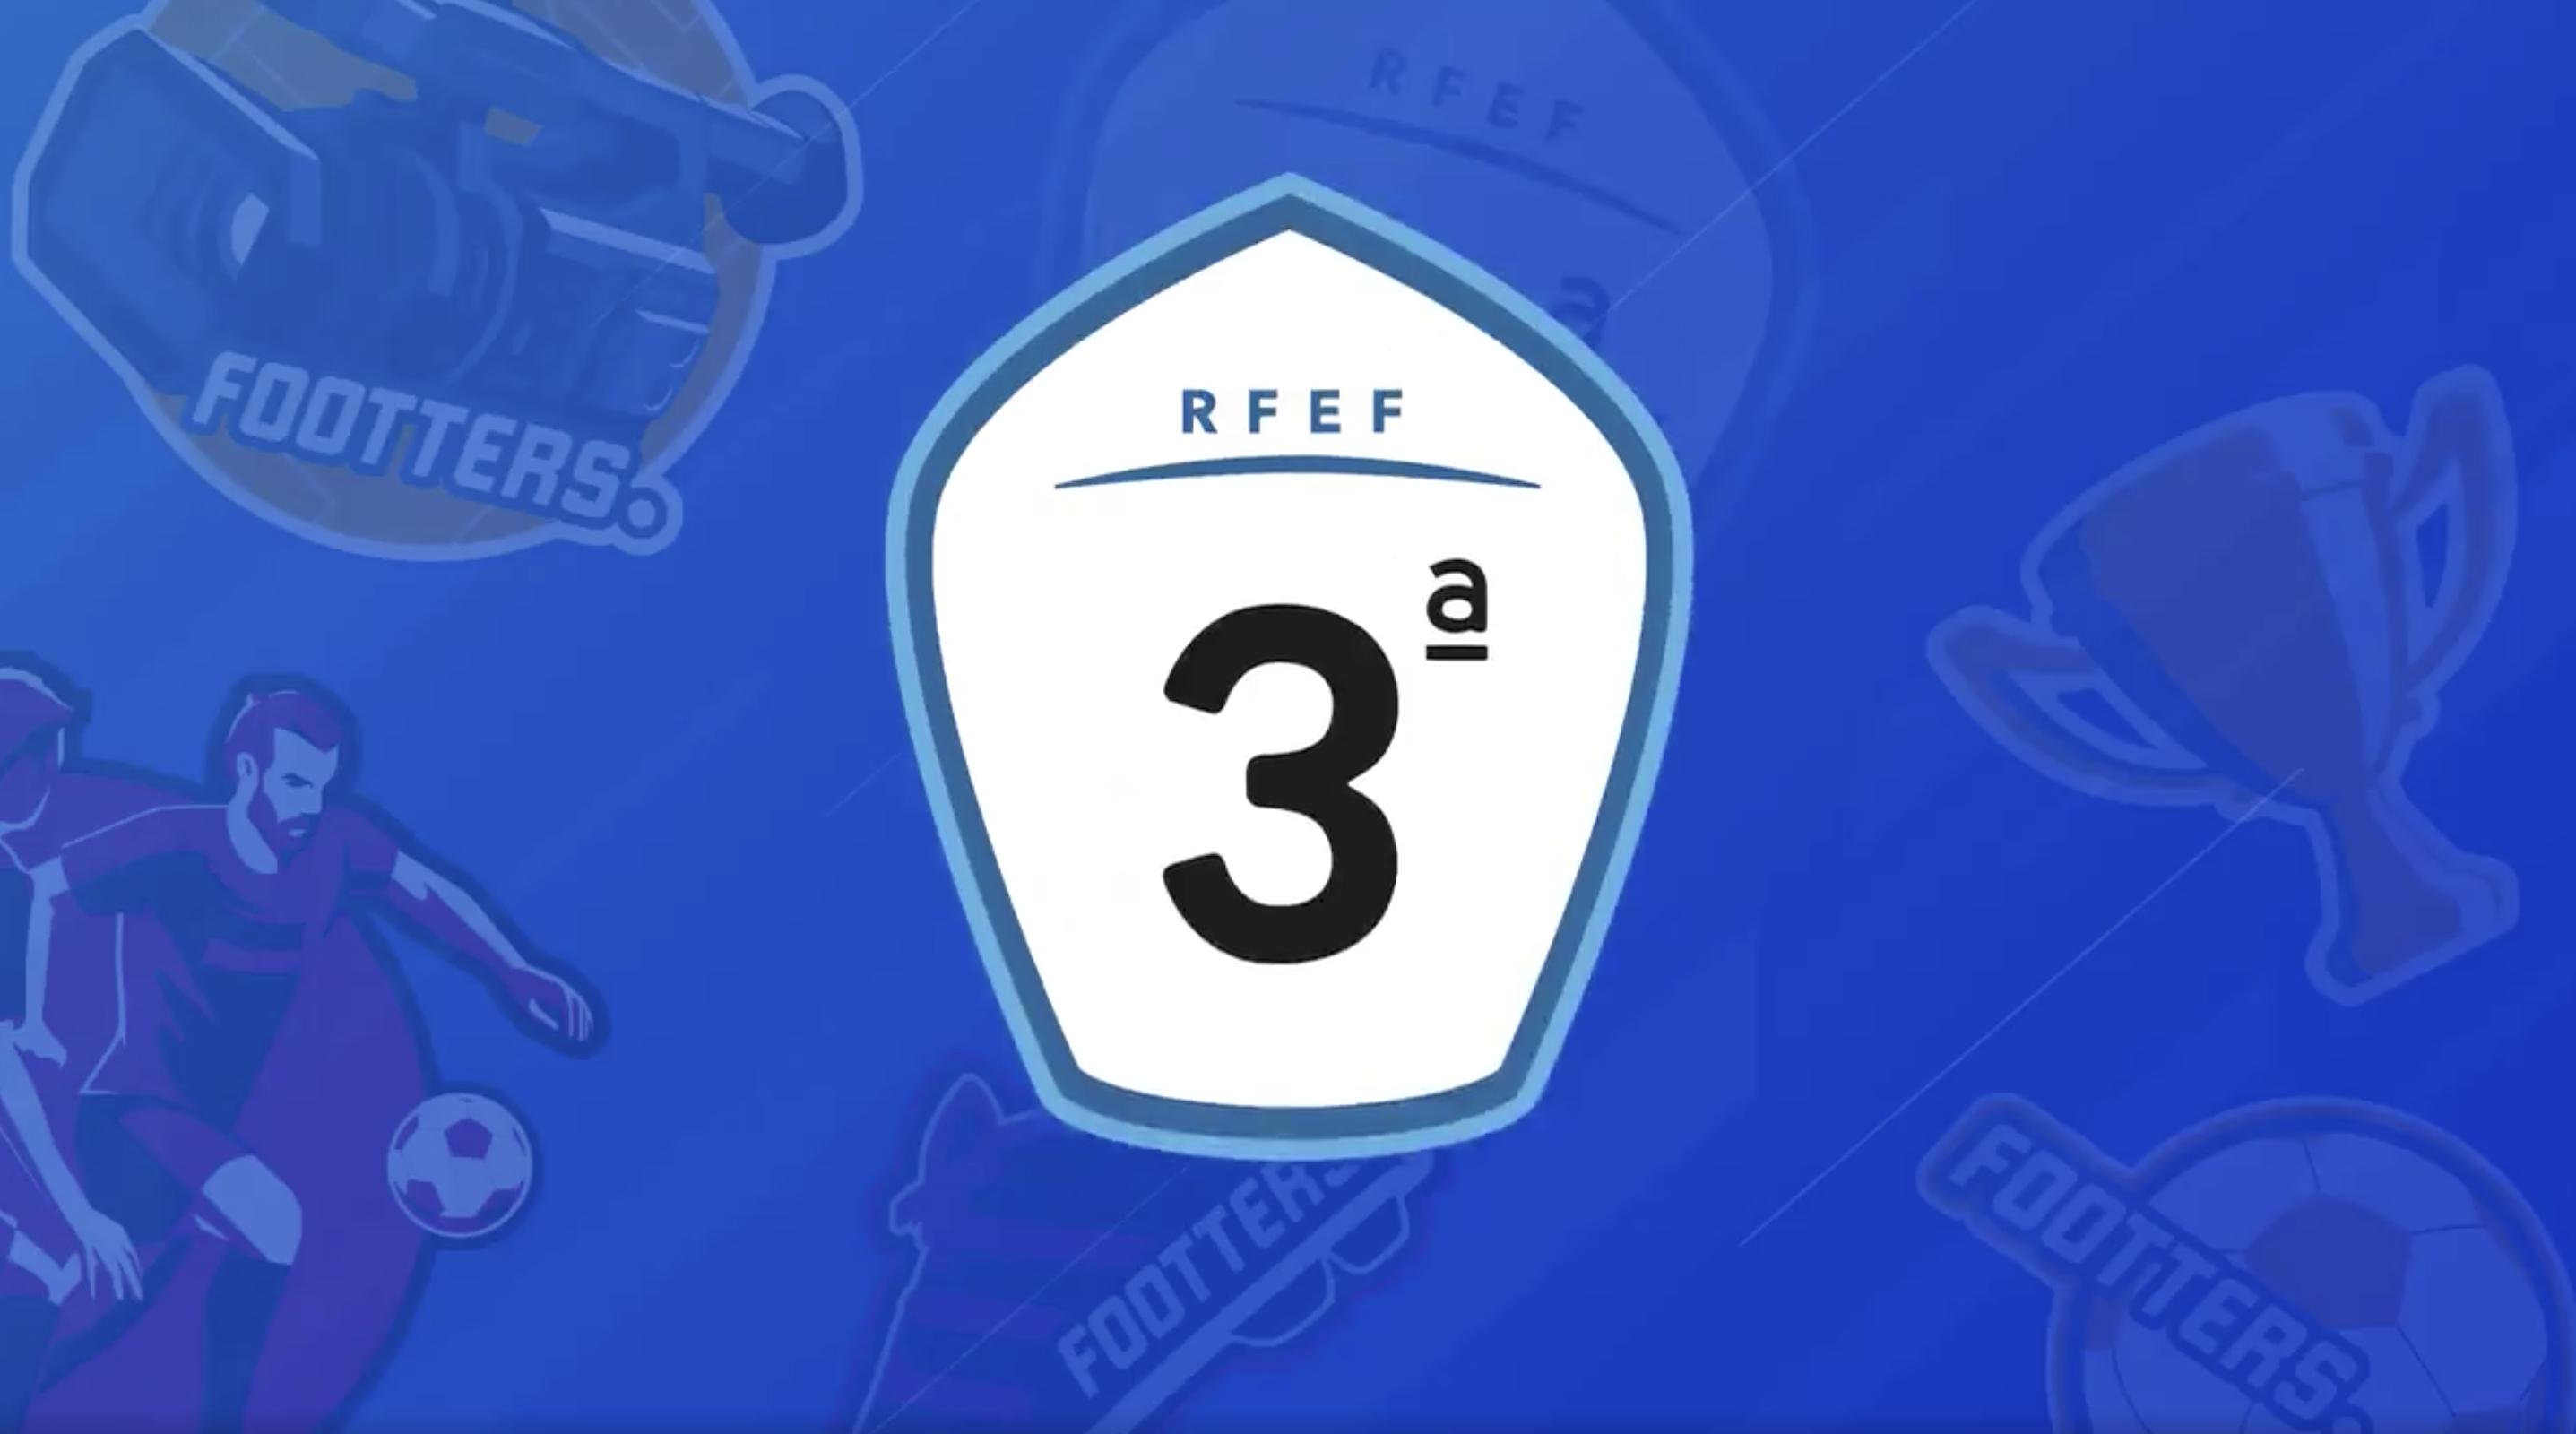 Logo de 3ª división